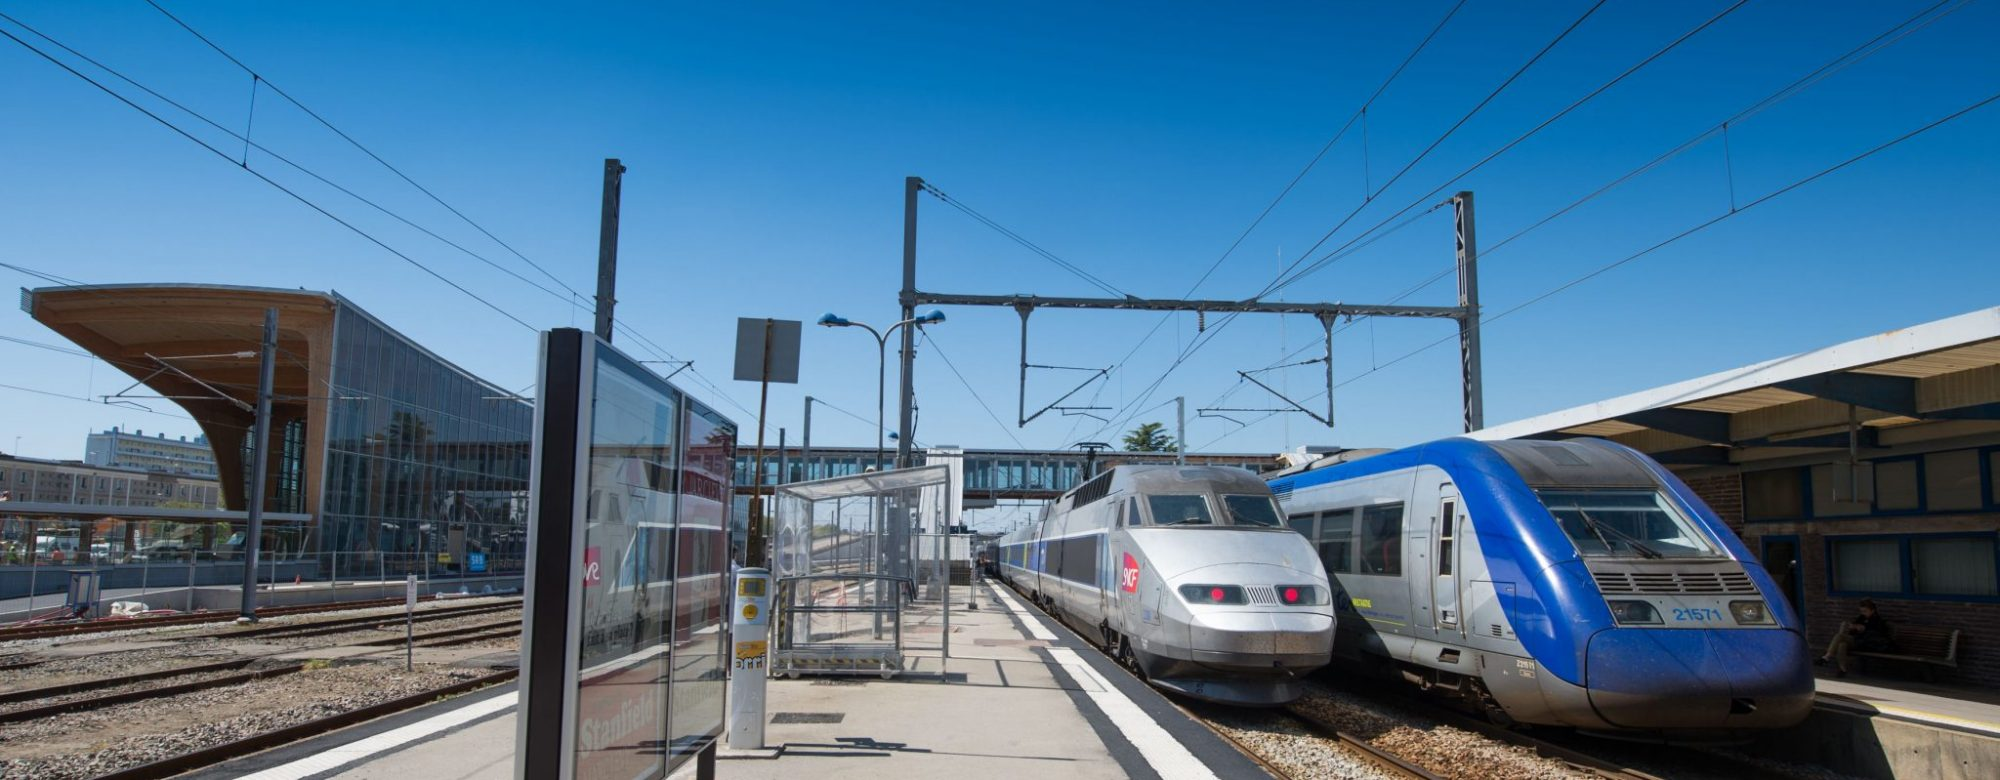 Quai extérieur et train de la gare SNCF de Lorient